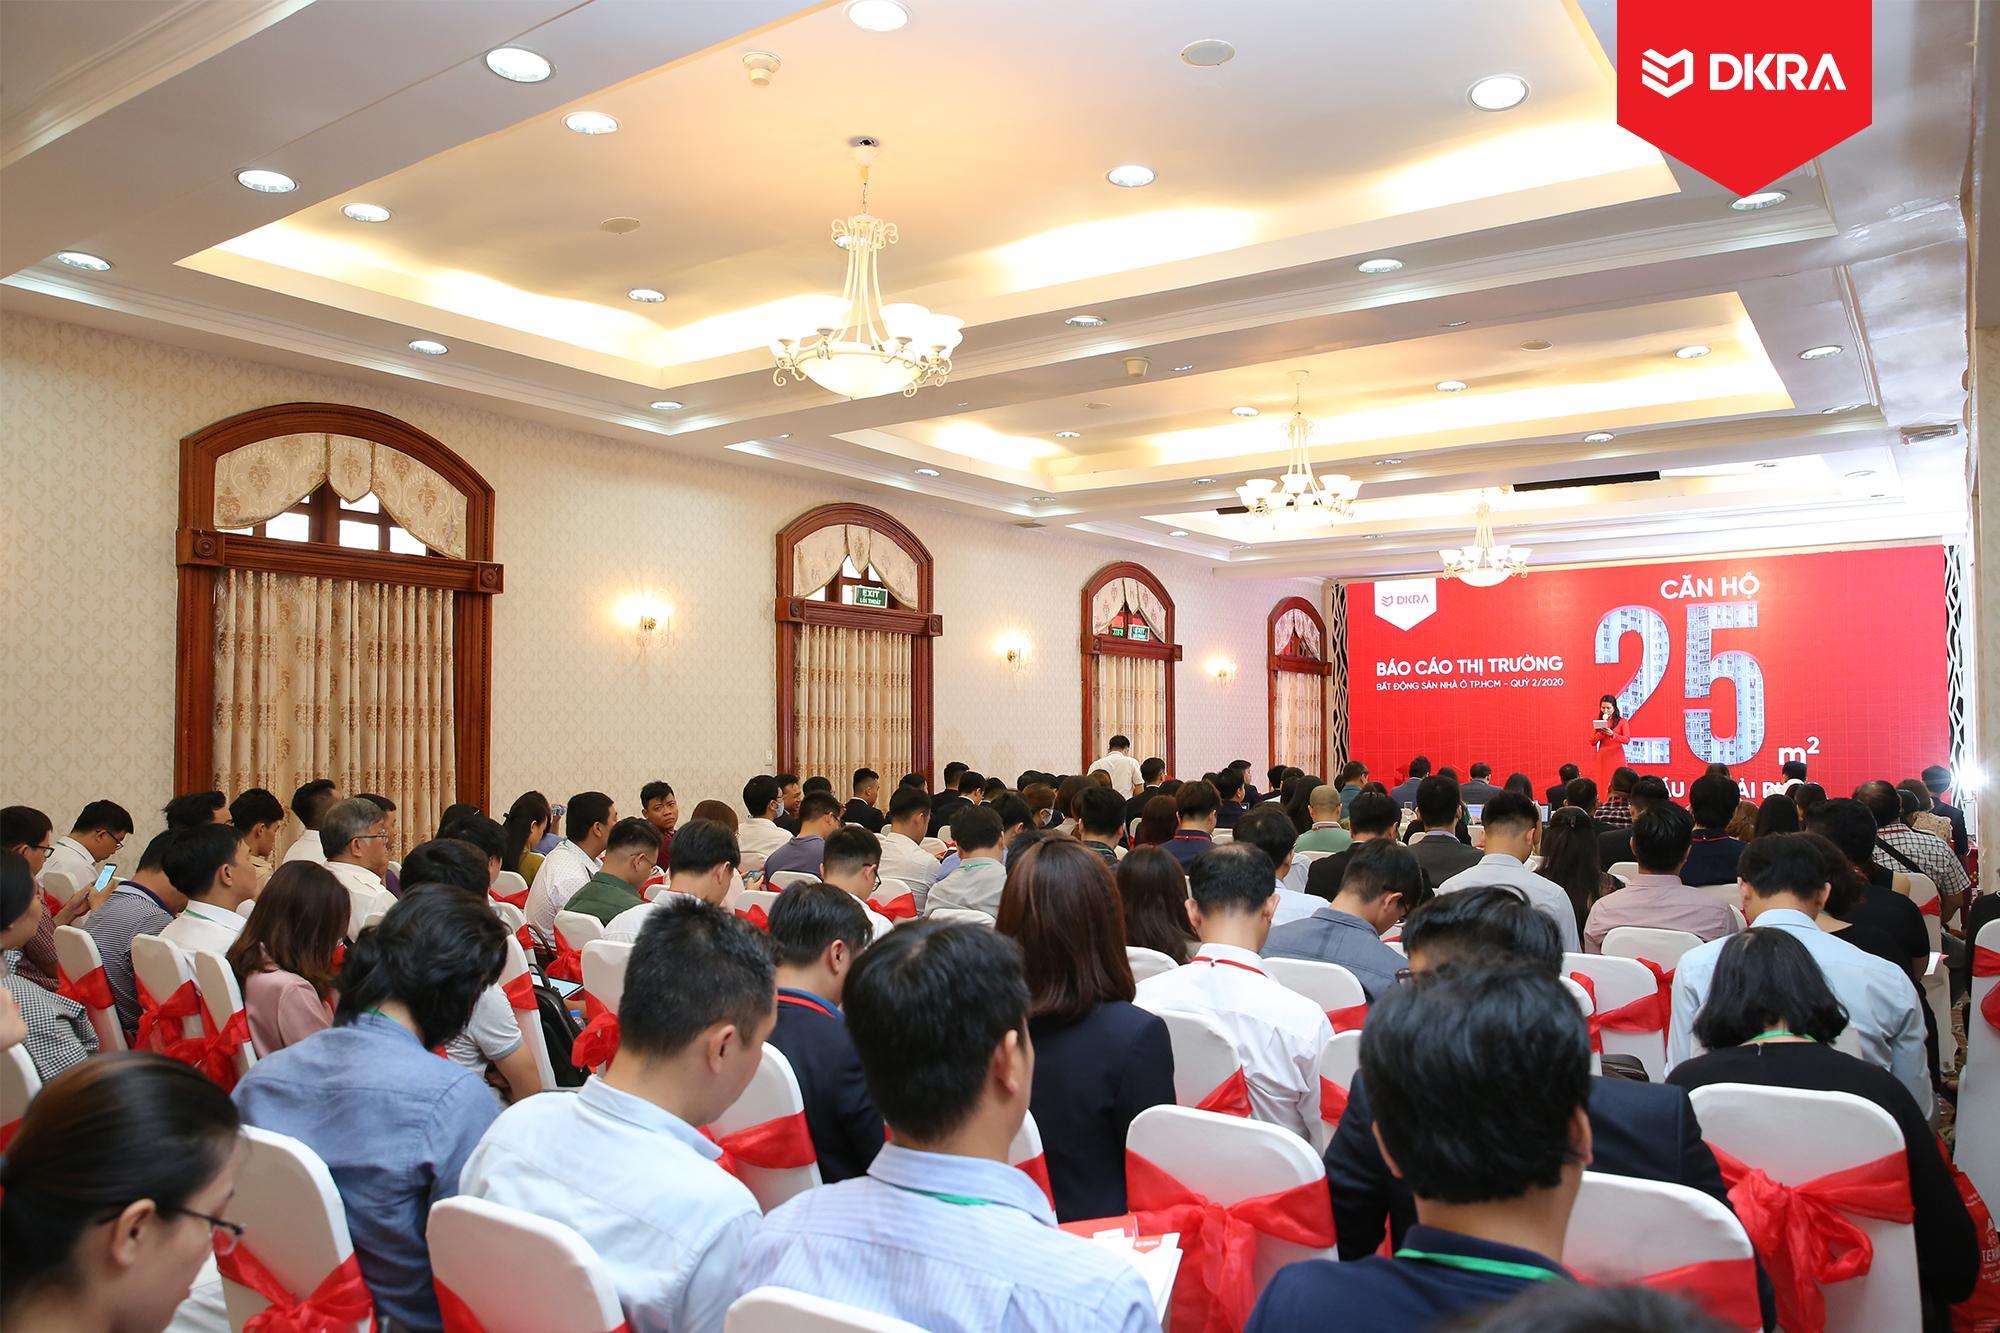 """Toàn cảnh sự kiện Báo cáo thị trường bất động sản nhà ở TP.HCM Quý 2/2020 do DKRA Vietnam tổ chức với chủ đề """"Căn hộ 25m2 - Nhu cầu & giải pháp""""."""